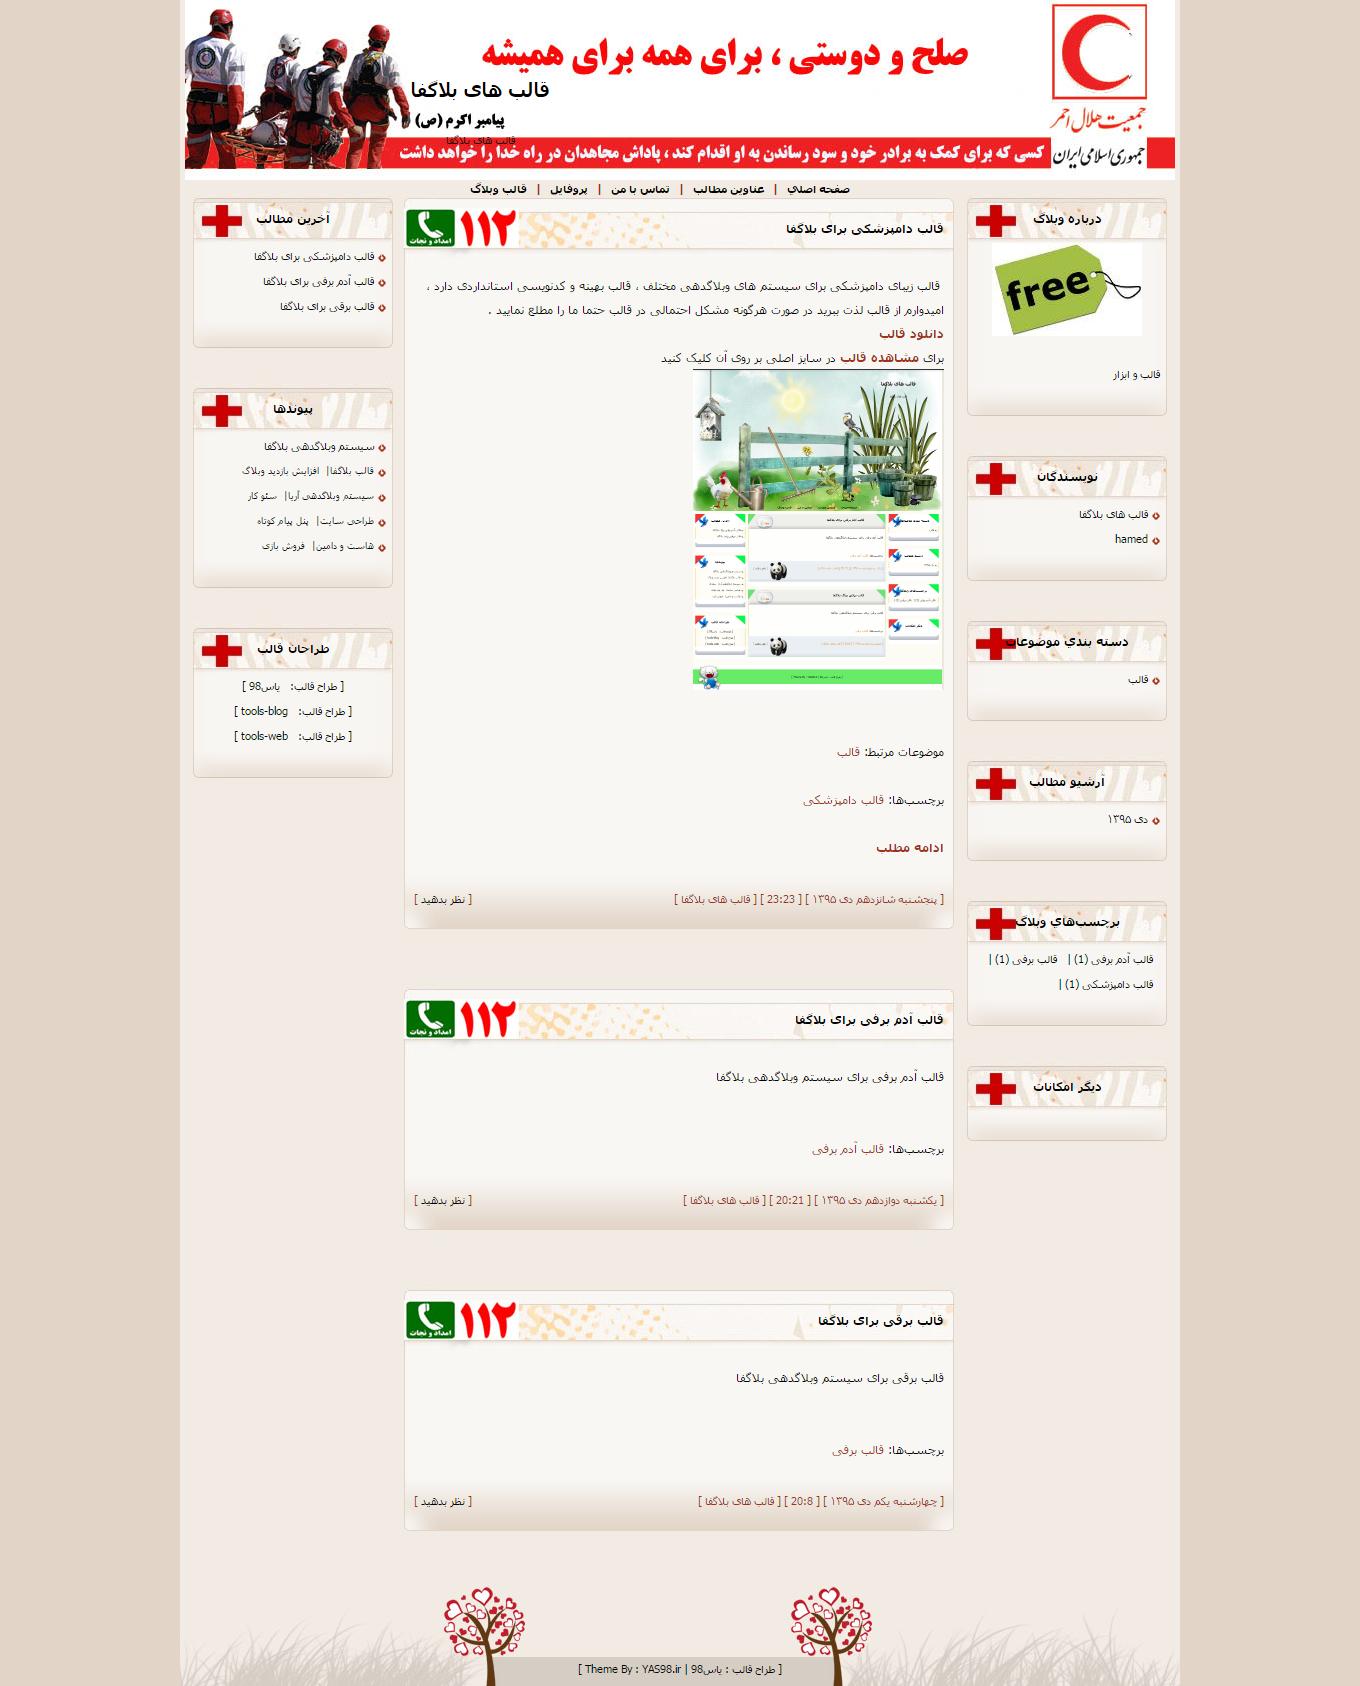 قالب هلال احمر برای سیستم وبلاگدهی